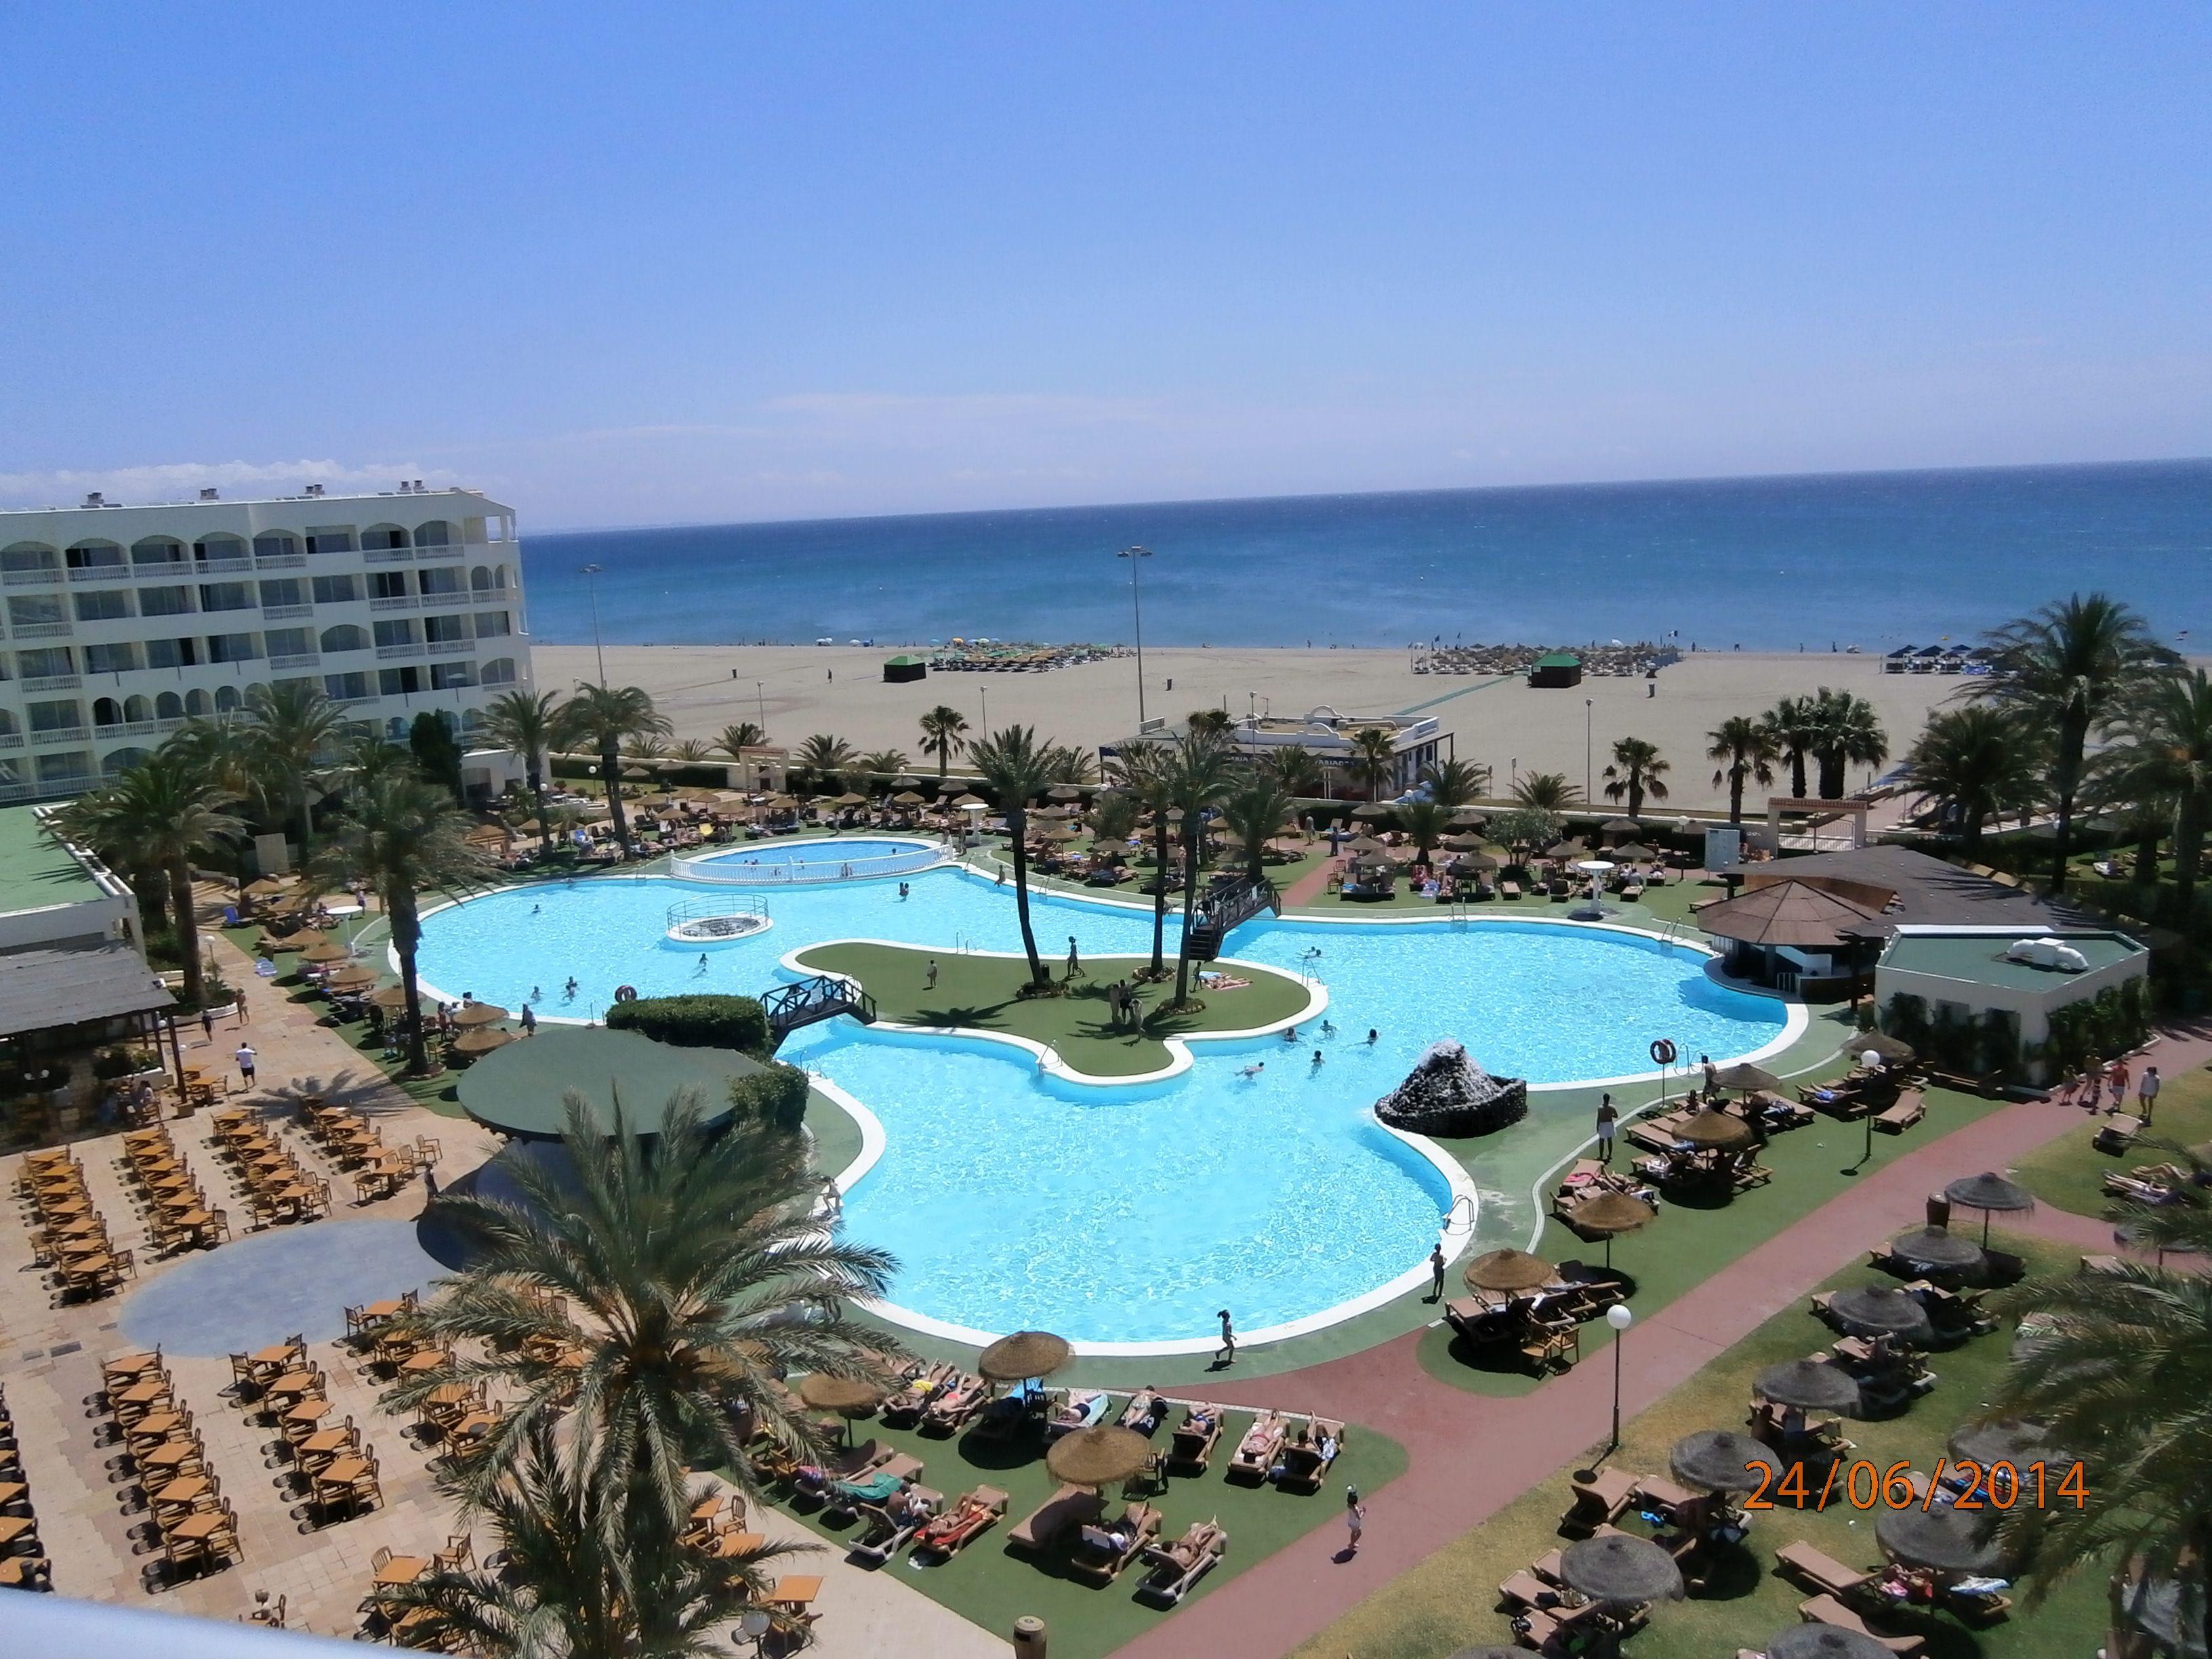 El exterior sería del estilo al de este hotel de Roquetas de Mar. Piscinas grandes y con acceso directo a la playa